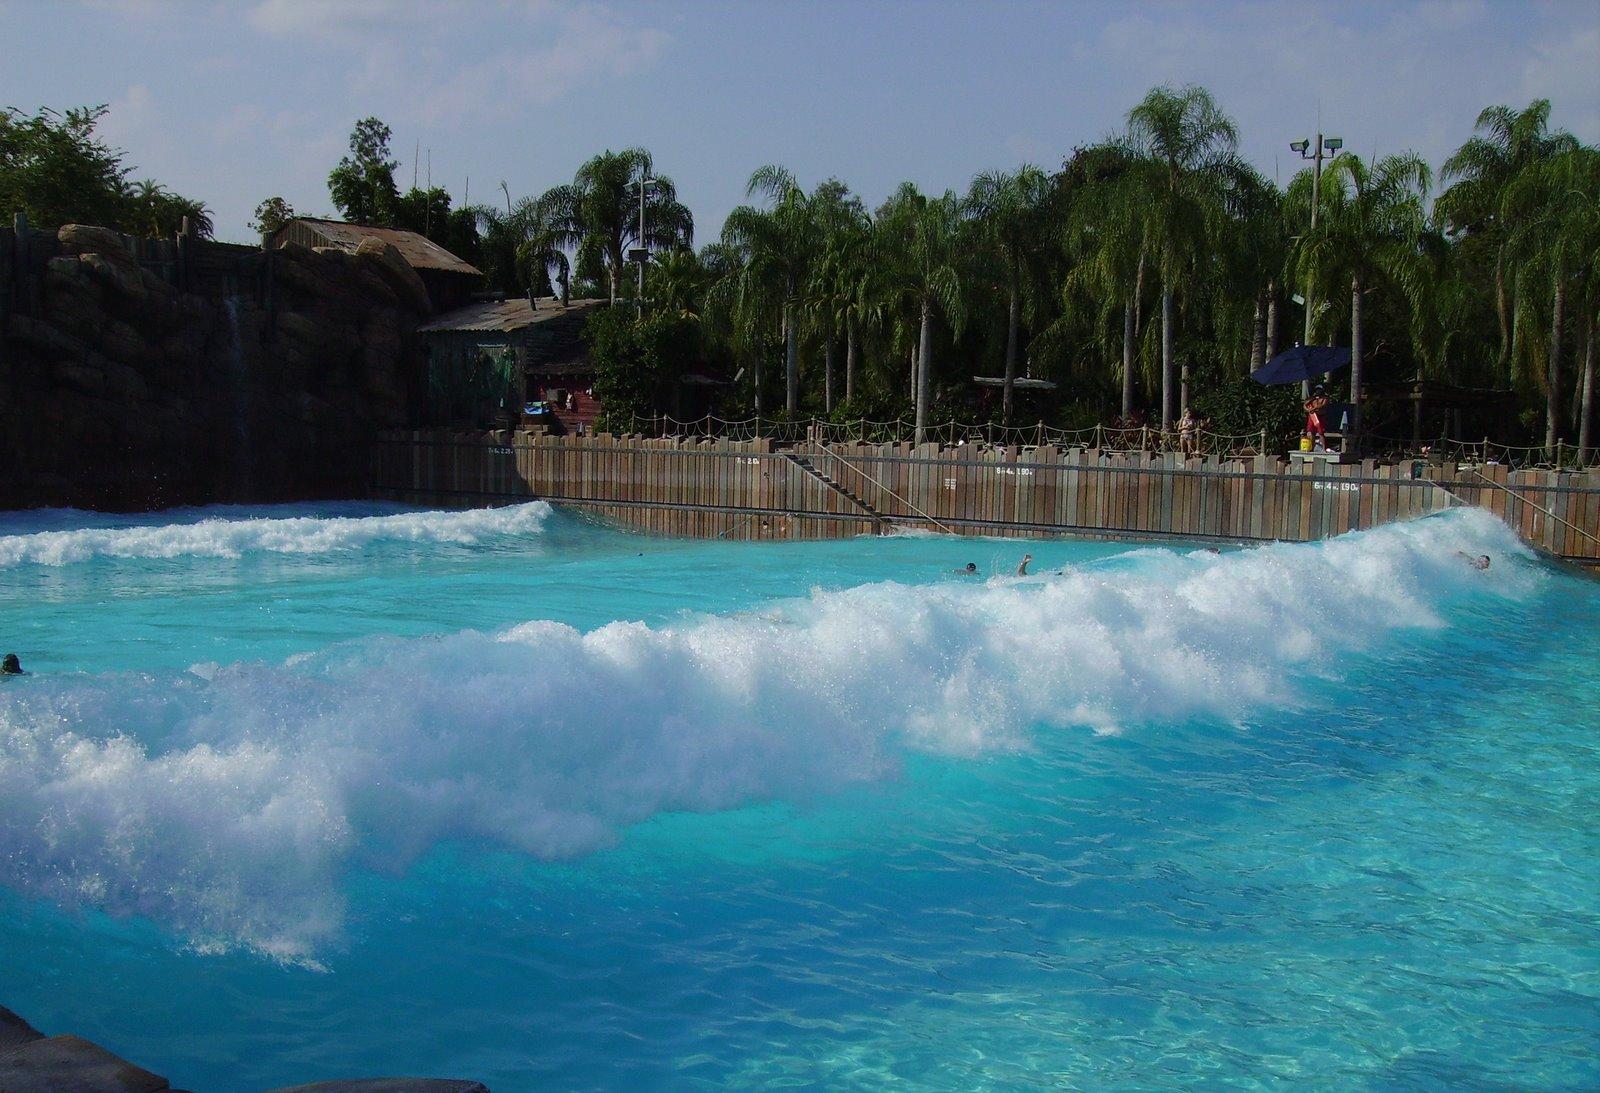 praia do cerrado goi s maior piscina de ondas da